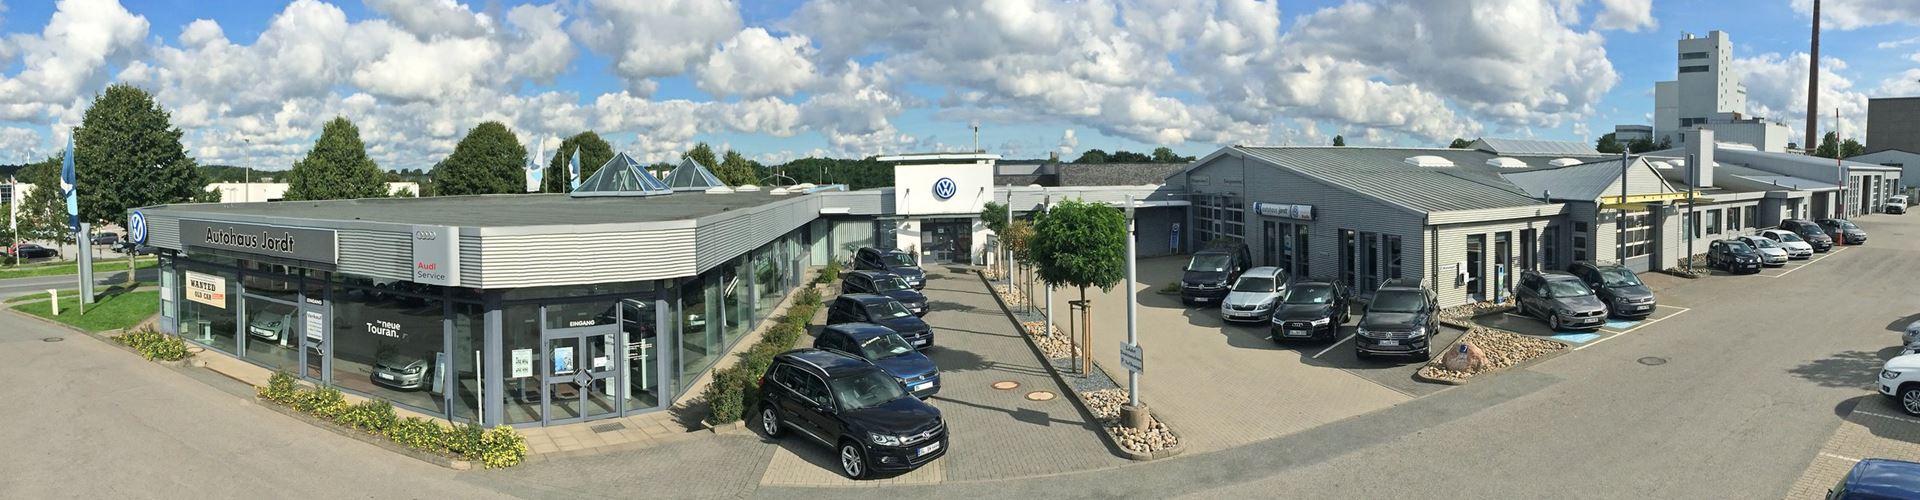 Autohaus Schleswig Jordt Volkswagen Audi Gebrauchtwagen Leasing Finanzierung 24837 Firmengebäude banner 1